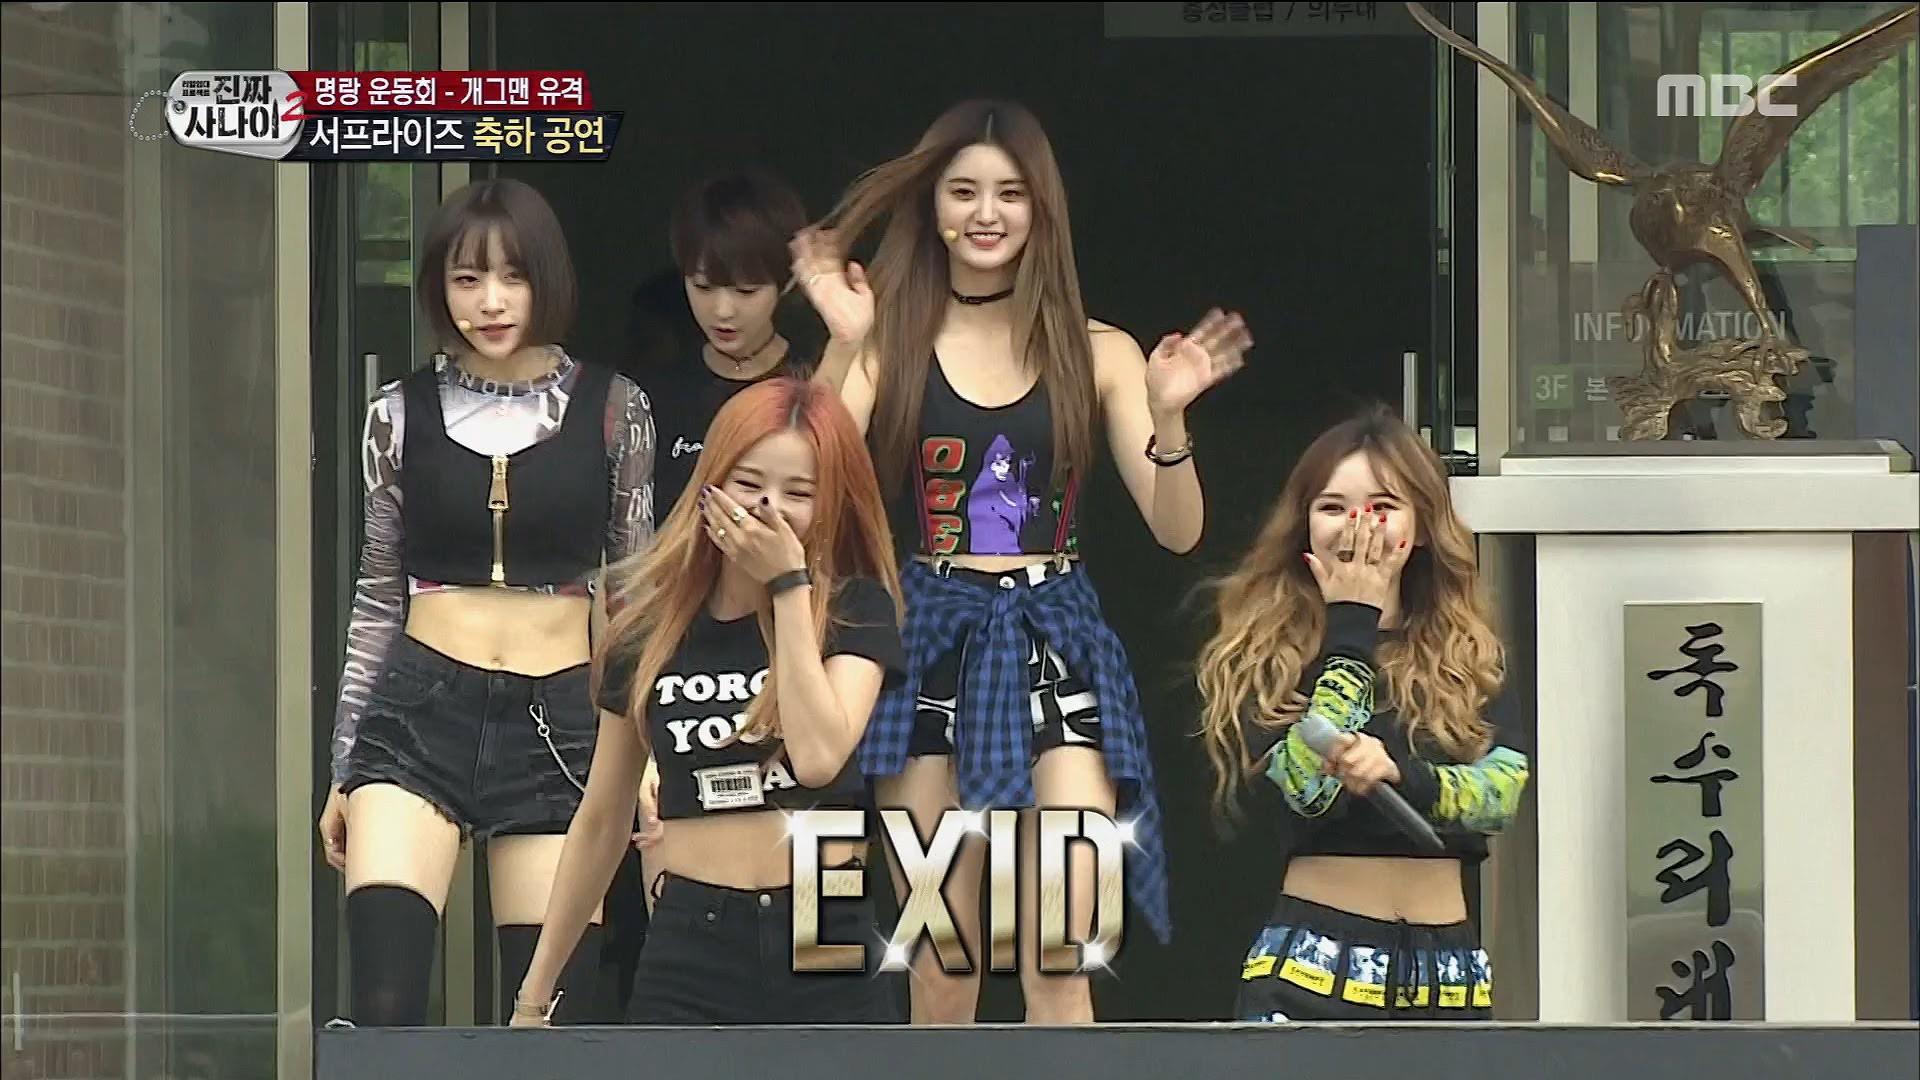 Các nhóm nữ Hàn Quốc được chào đón như thế nào trong show thực tế về quân đội? - Ảnh 1.